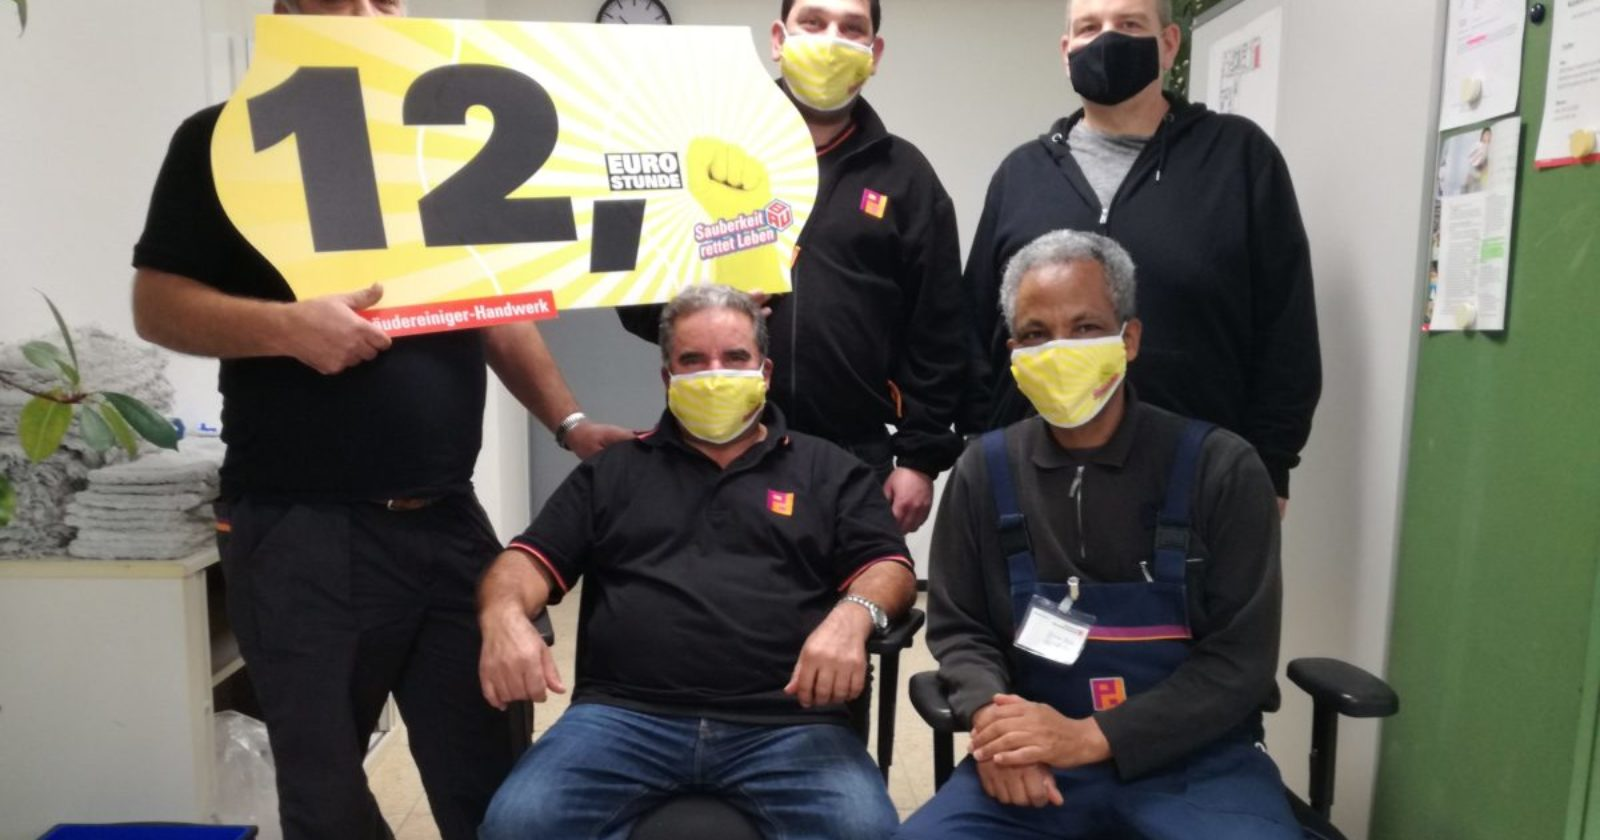 Reinigungskräfte von Piepenbrock beim Hessischen Rundfunk Frankfurt fordern 12 Euro Stundenlohn